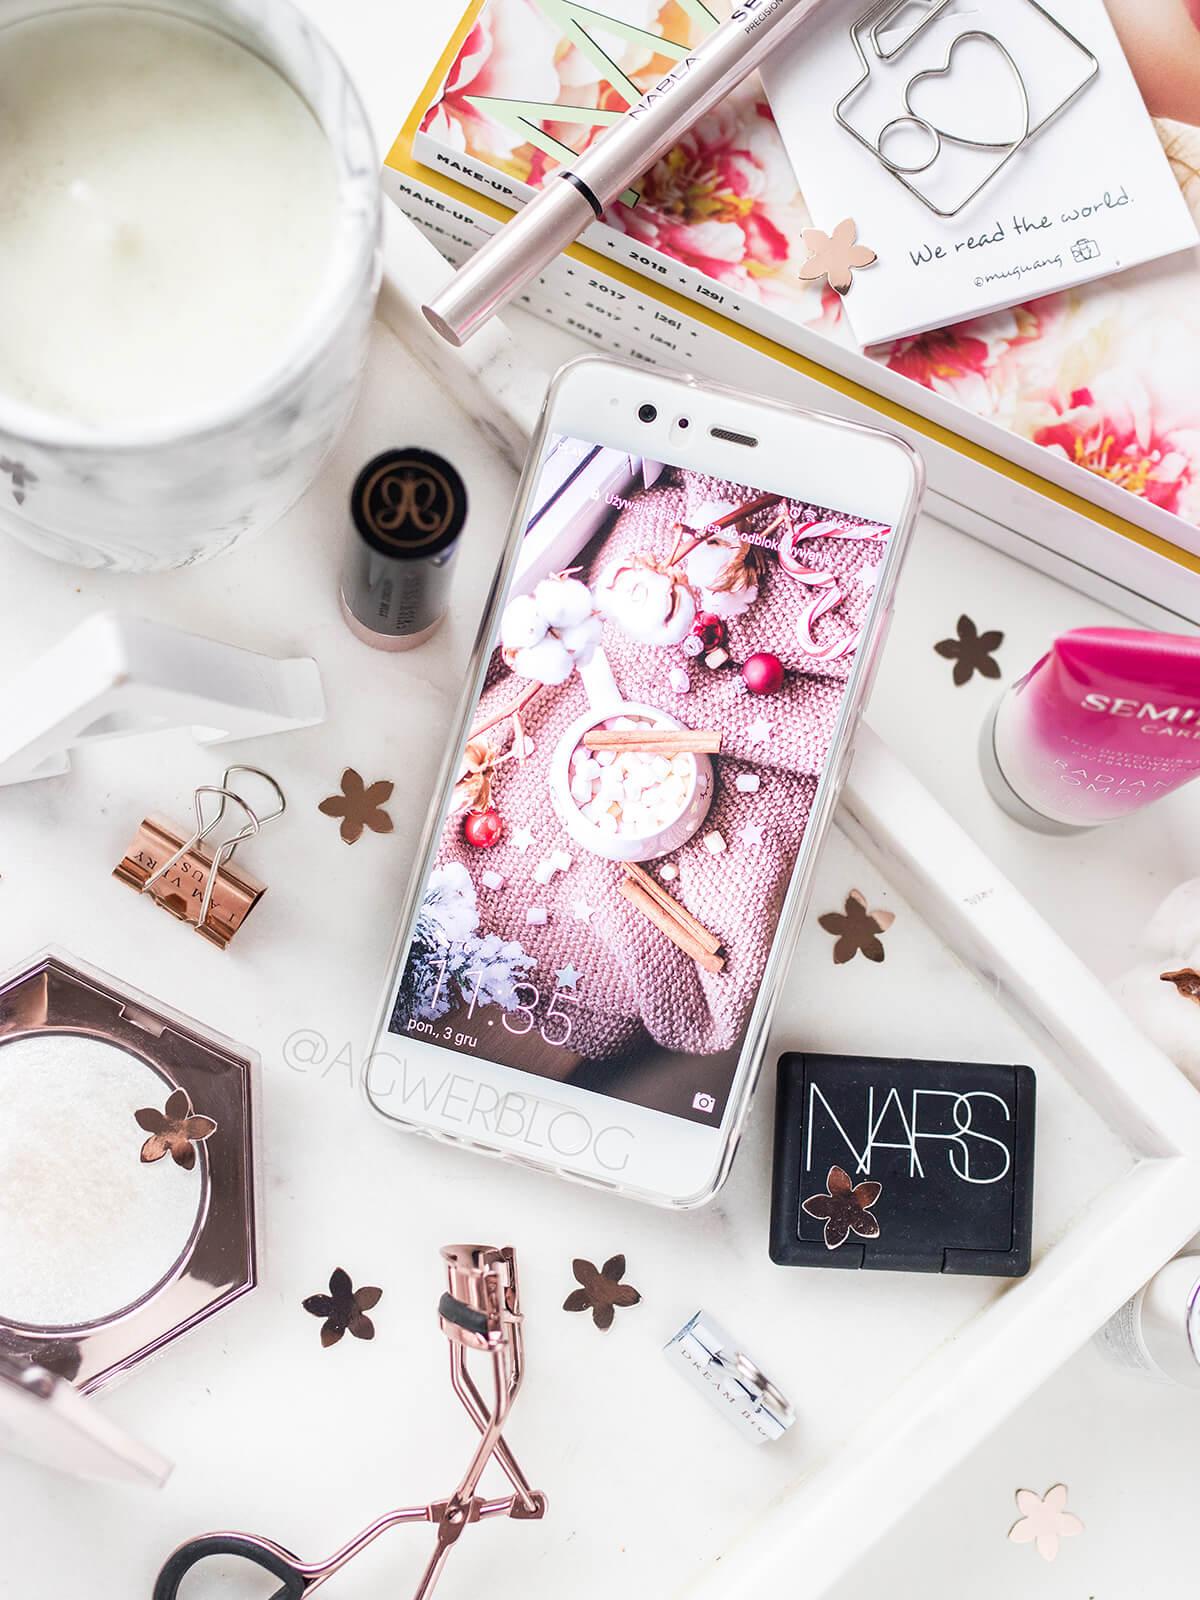 aplikacje do obróbki zdjęć instagram